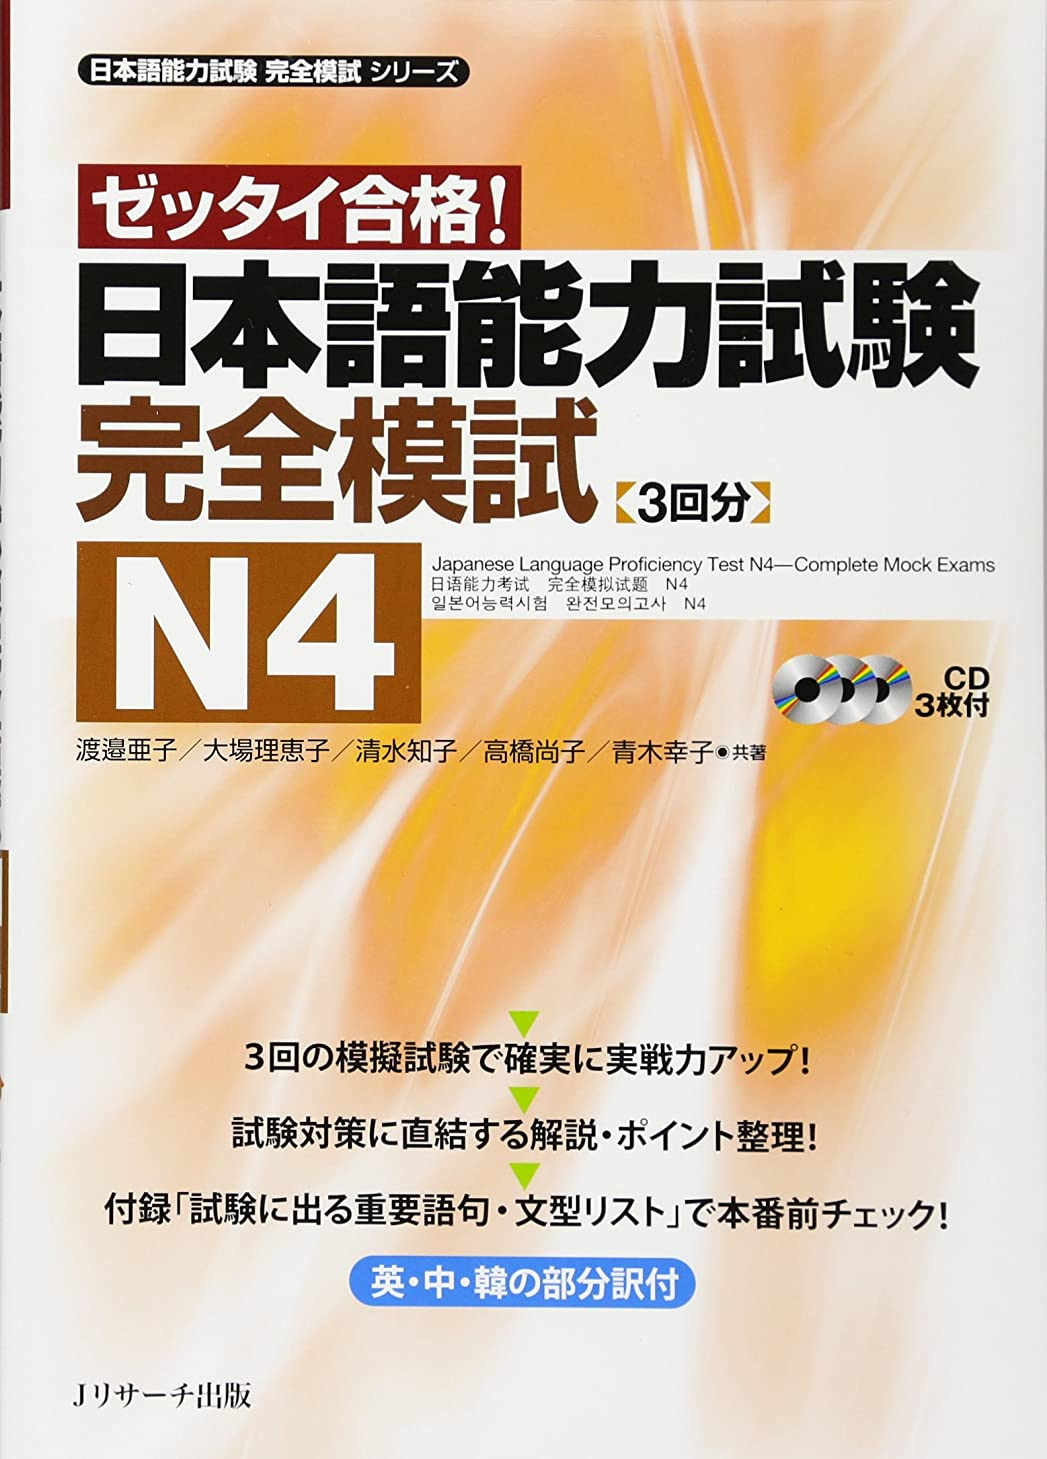 メールを書くクレデンシャルノベルティゼッタイ合格!日本語能力試験完全模試 N4 (日本語能力試験完全模試シリーズ)